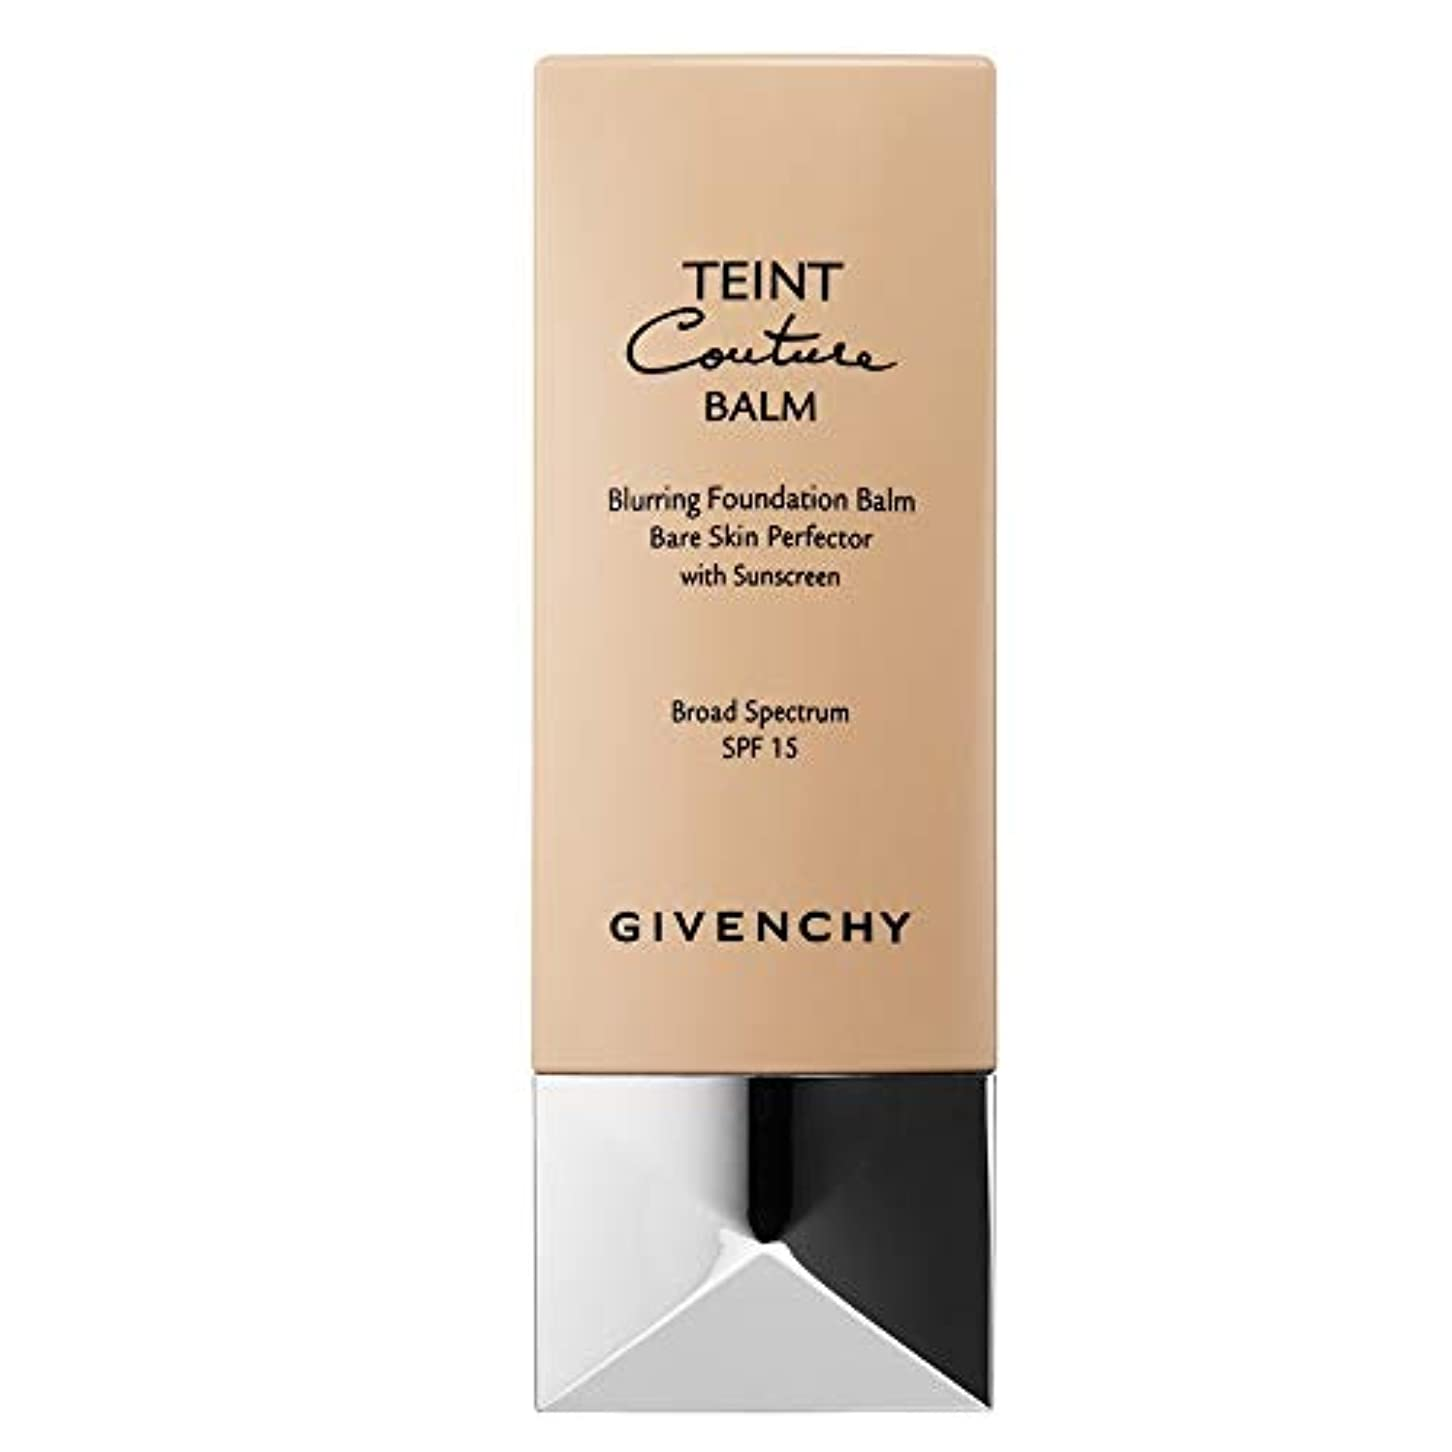 避難シロクマ測定ジバンシィ Teint Couture Blurring Foundation Balm SPF 15 - # 1 Nude Porcelain 30ml/1oz並行輸入品